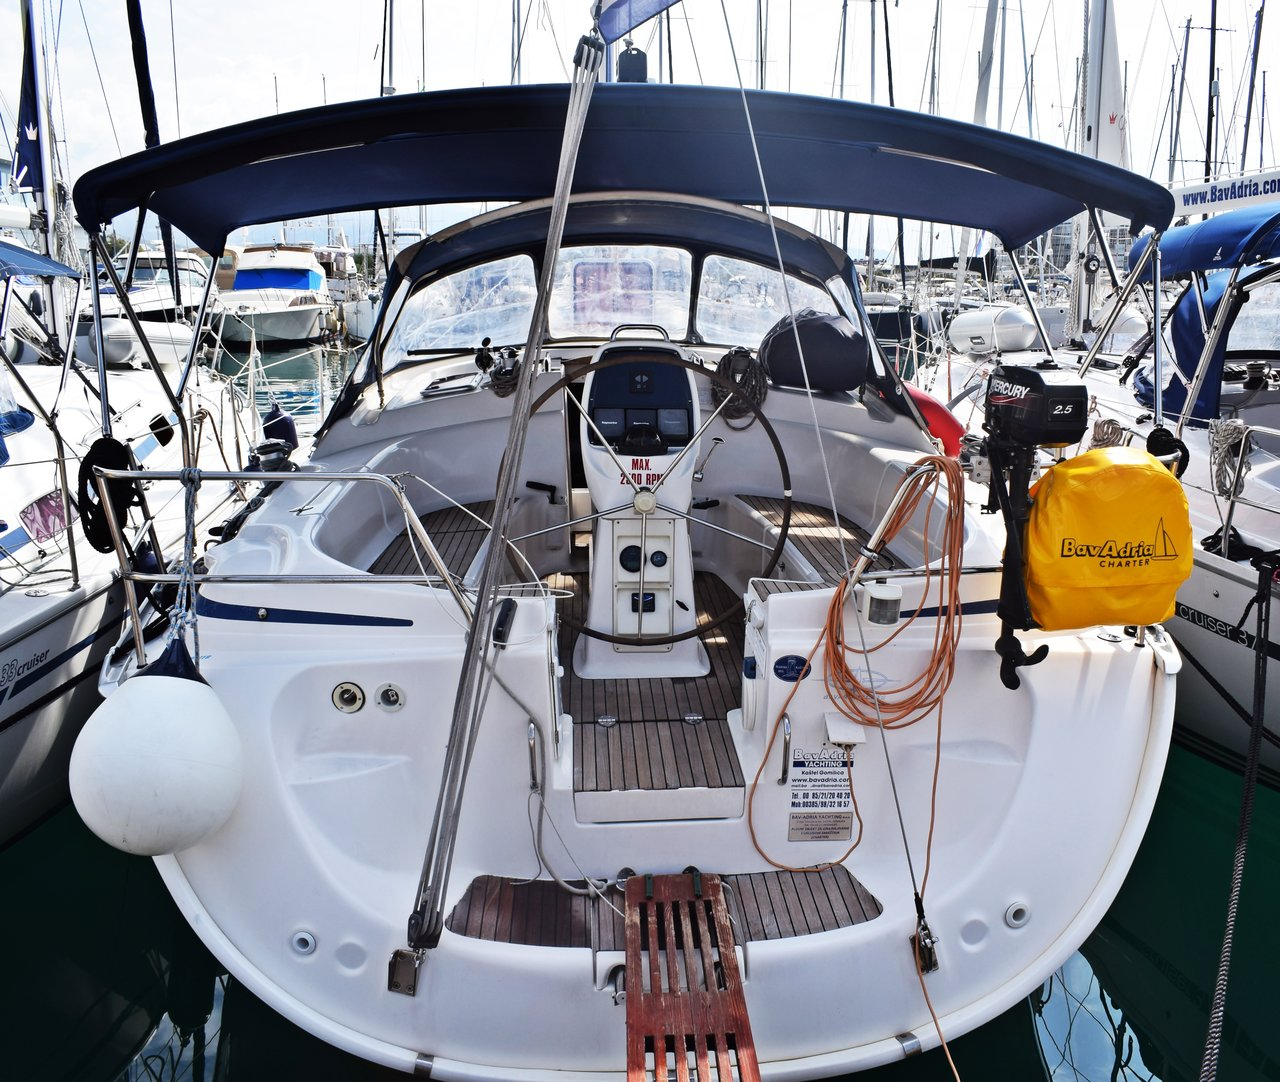 Bavaria 39 Cruiser,